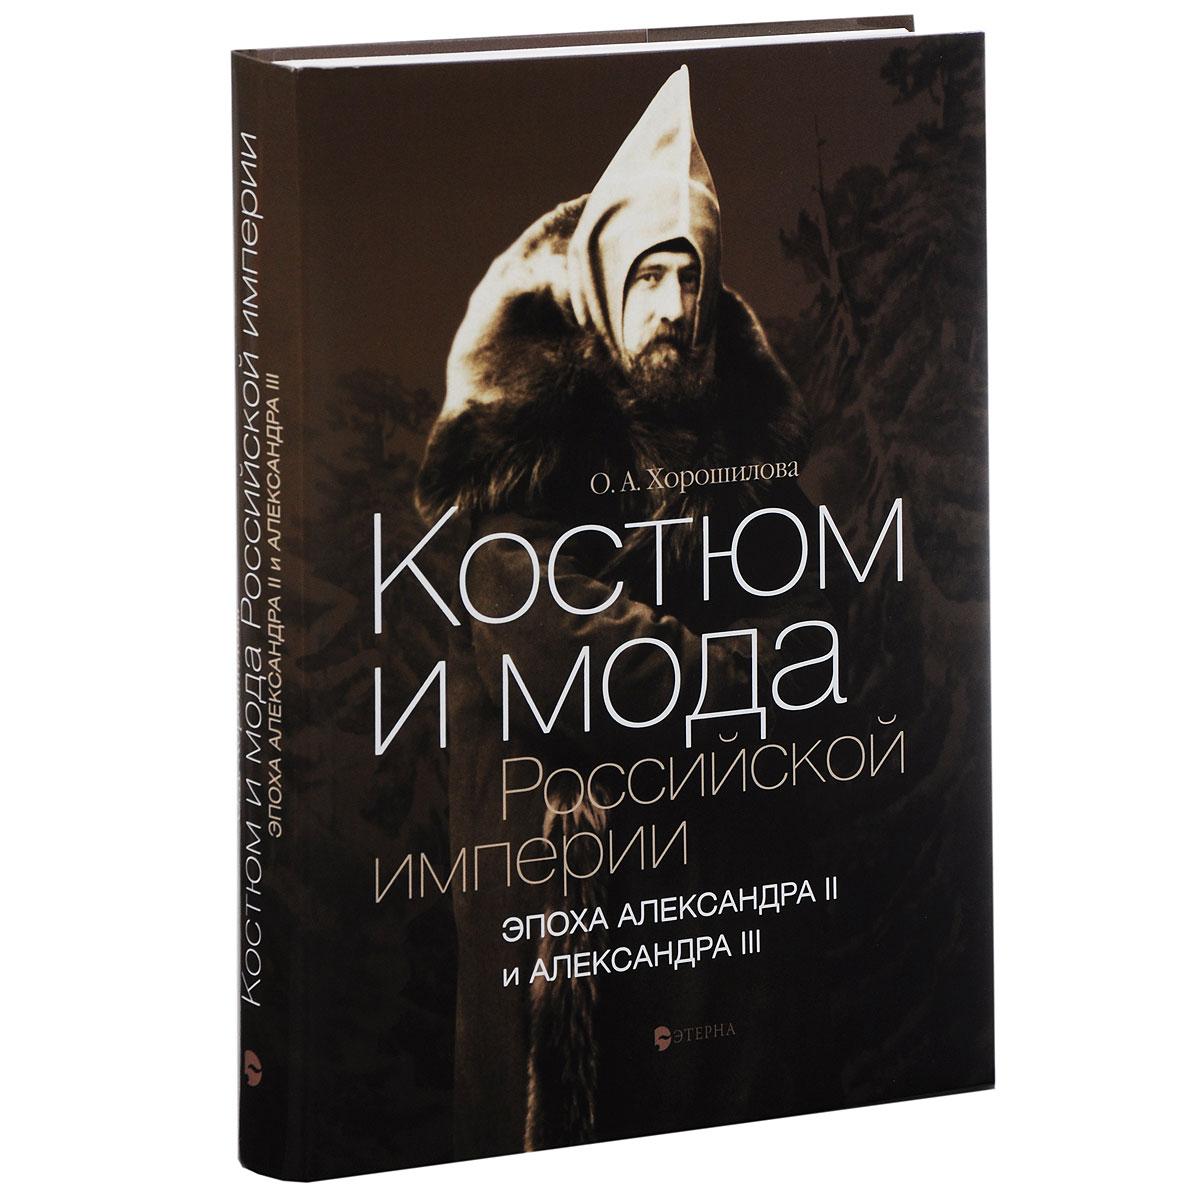 Костюм и мода Российской империи. Эпоха Александра II и Александра III. О. А. Хорошилова